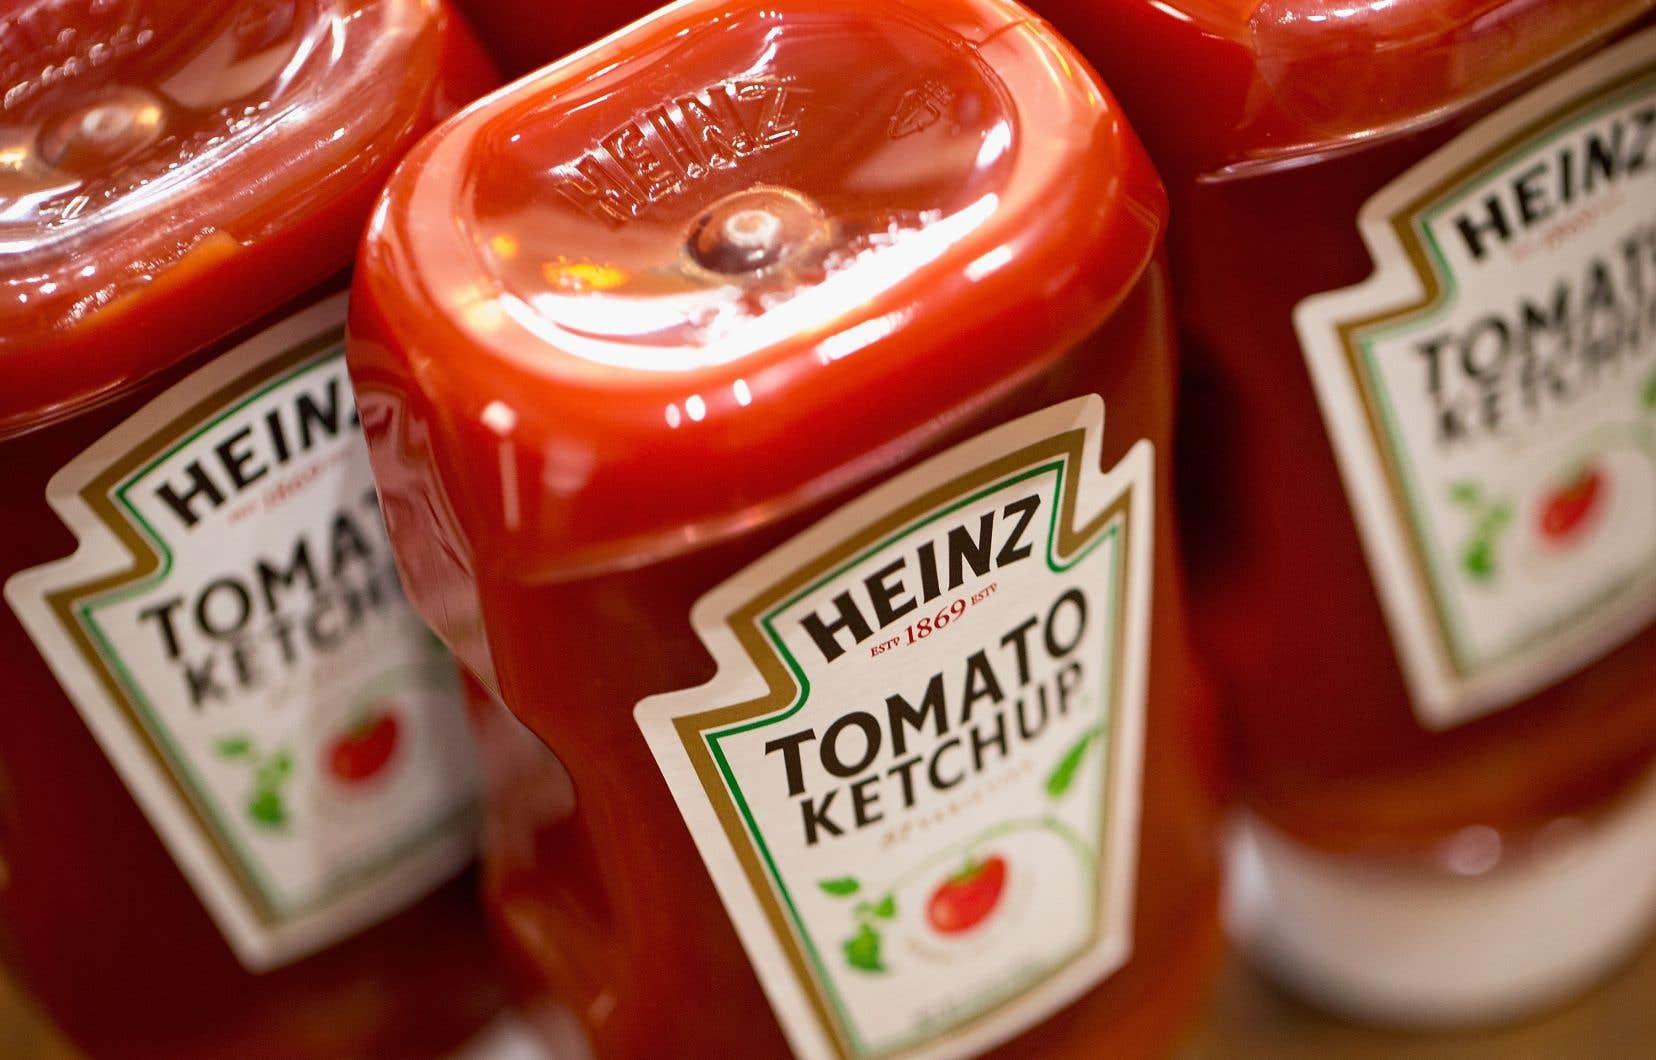 Les emballages des produits de consommation courante ont un impact environnemental considérable, selon les ONG.